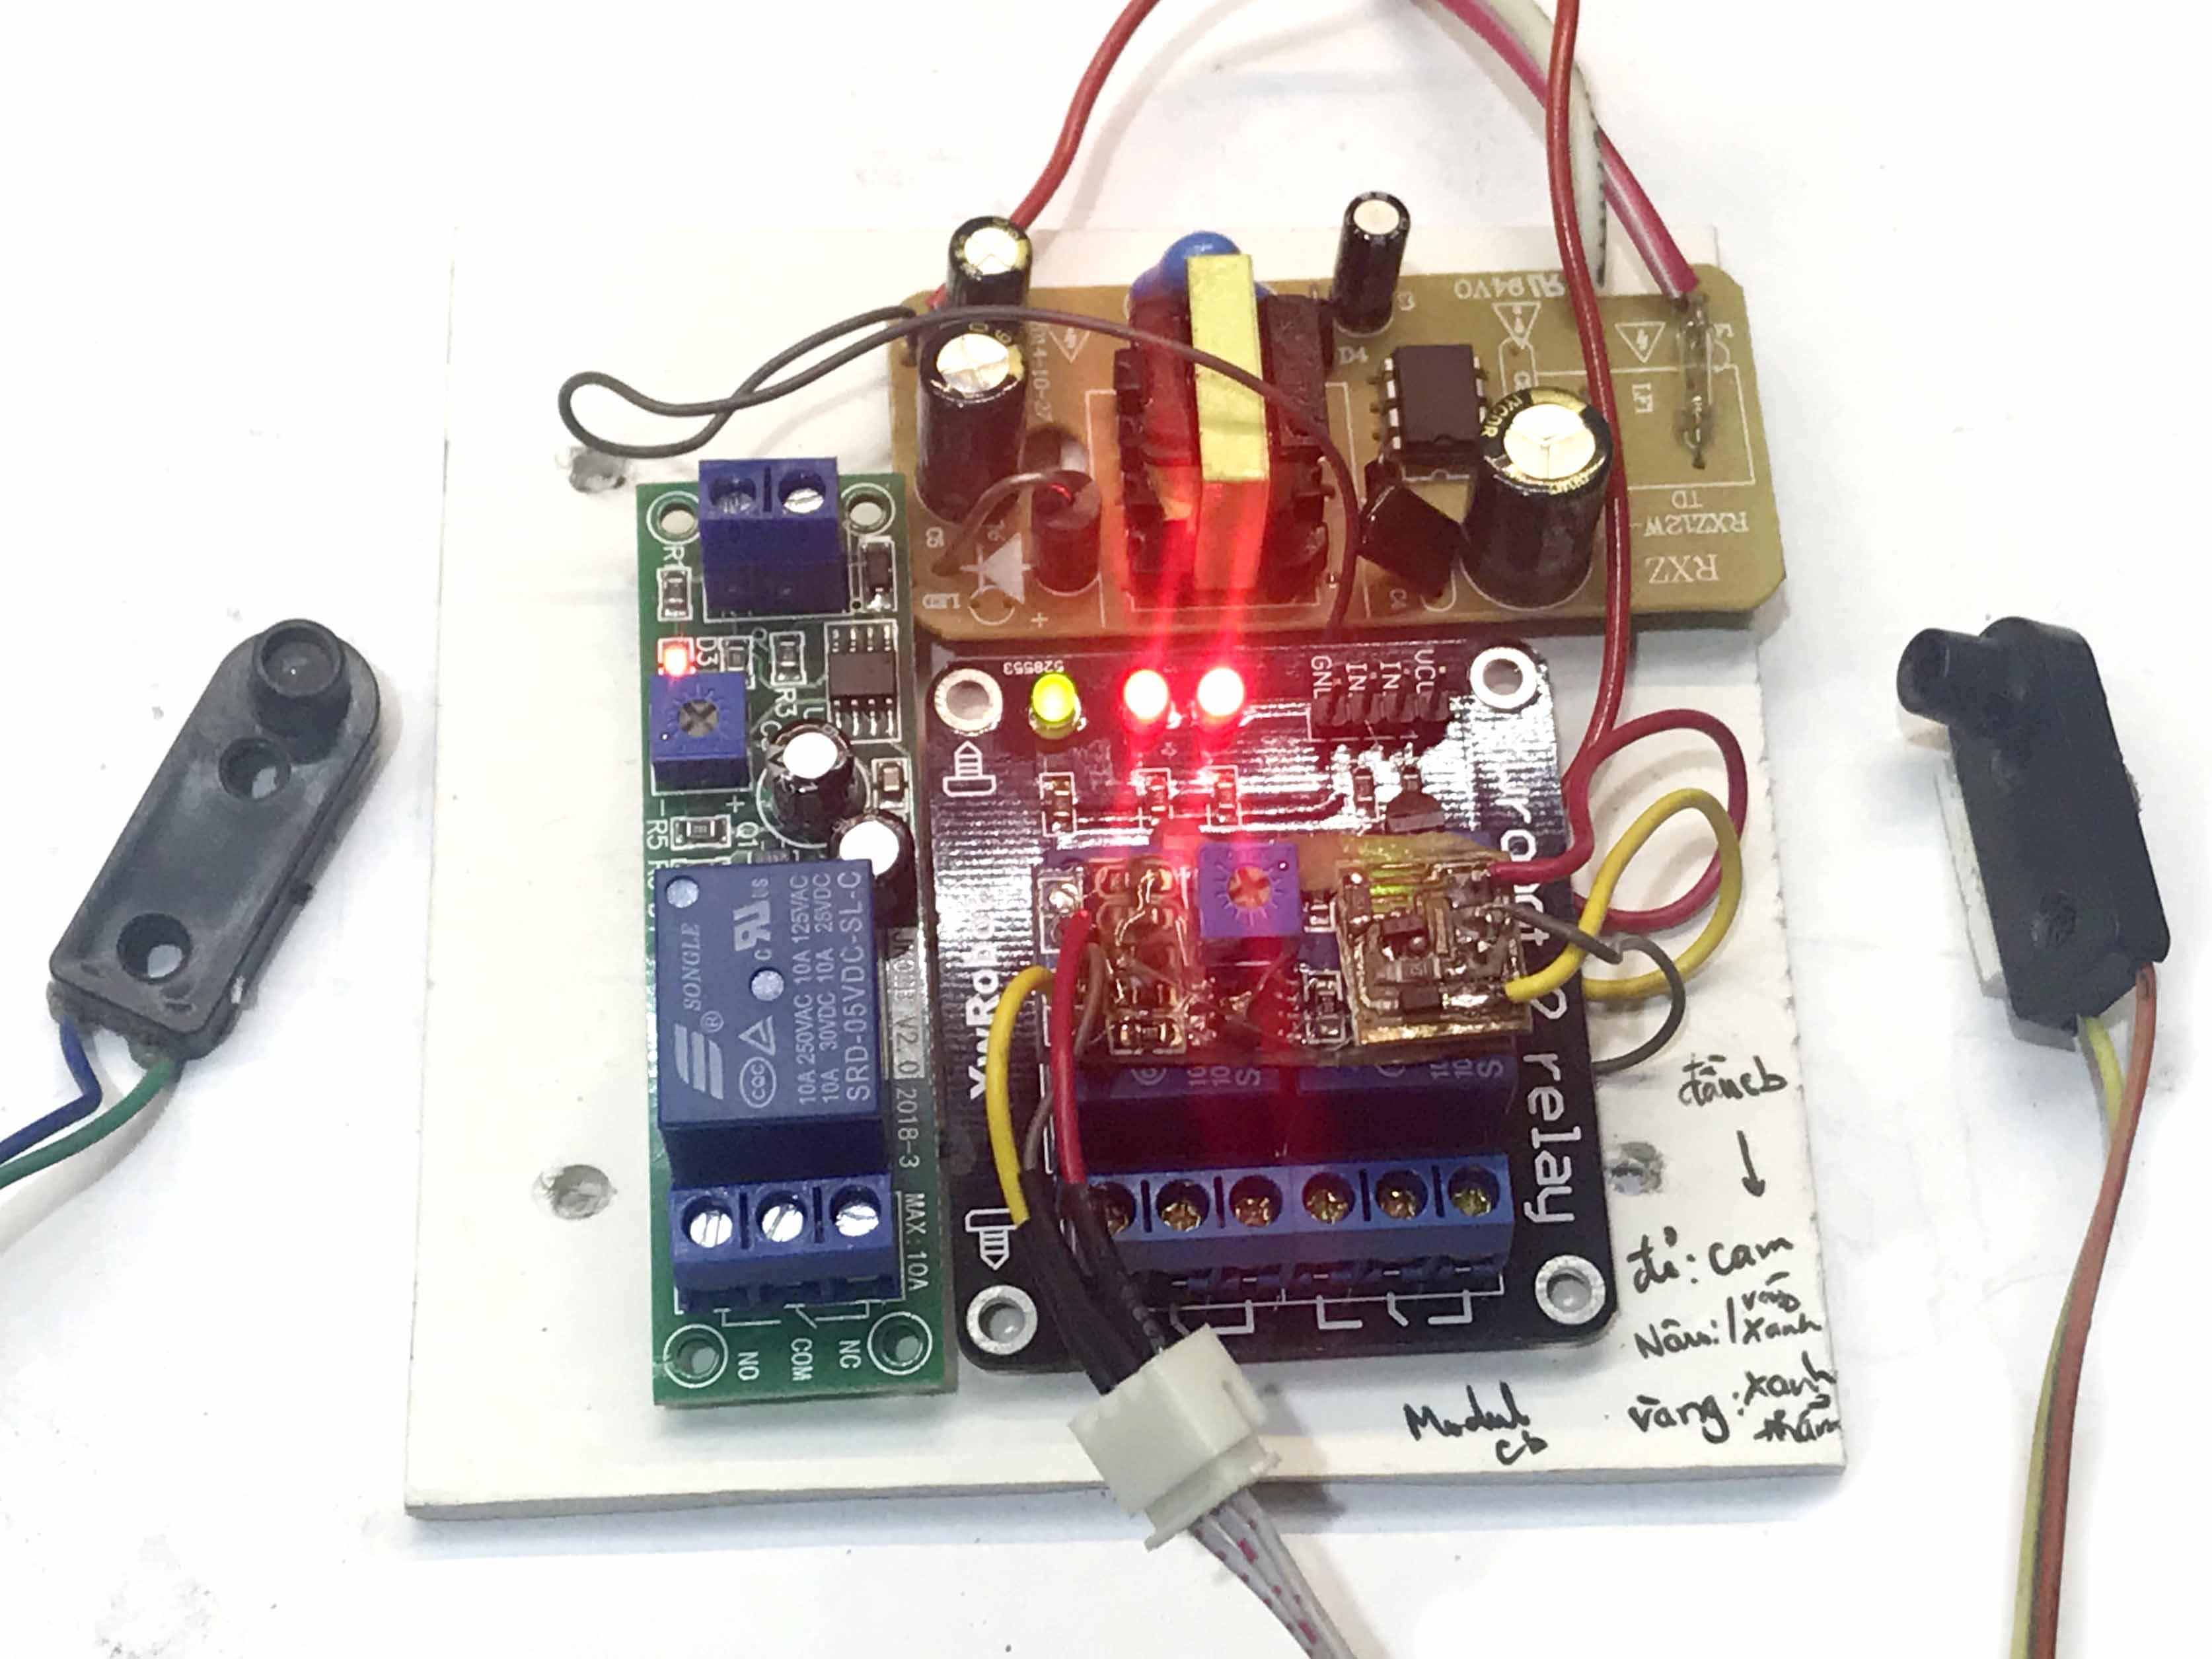 Bộ mạch điều khiển máy đánh giầy